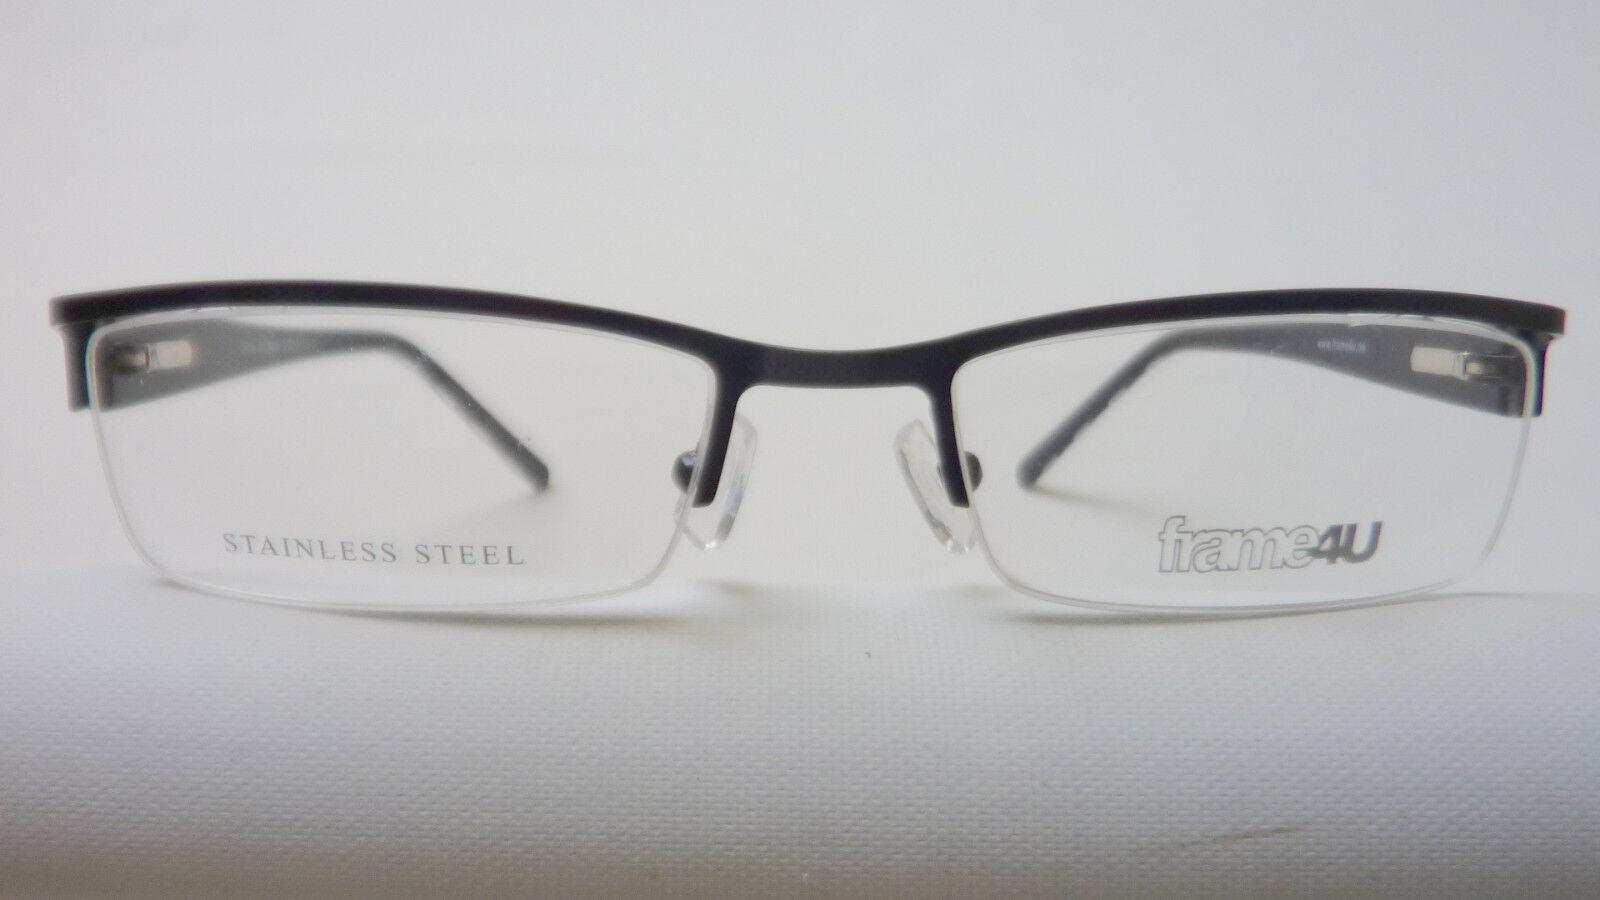 ZEBRA günstige Brillengestelle schmal halbrandlos schwarz stabil Gr. M 52[]18